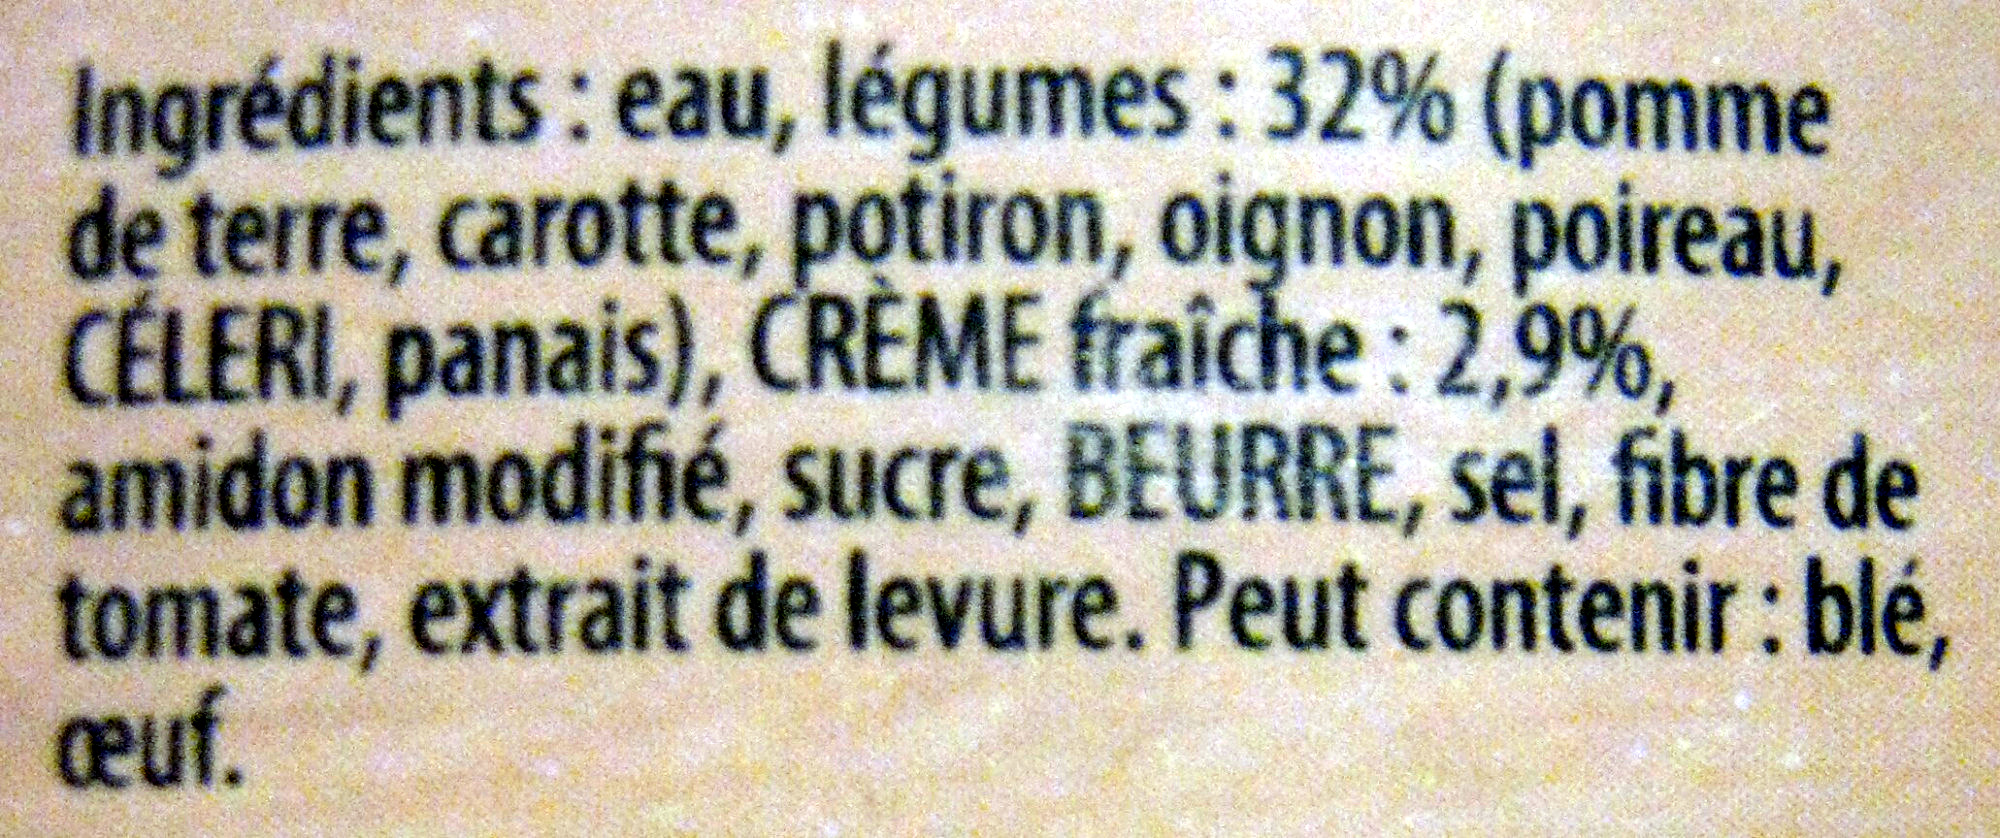 Knorr Les Classiques Soupe Liquide Douceur d'Automne à la Crème Fraîche Brique Lot 2x1L - Ingredients - fr